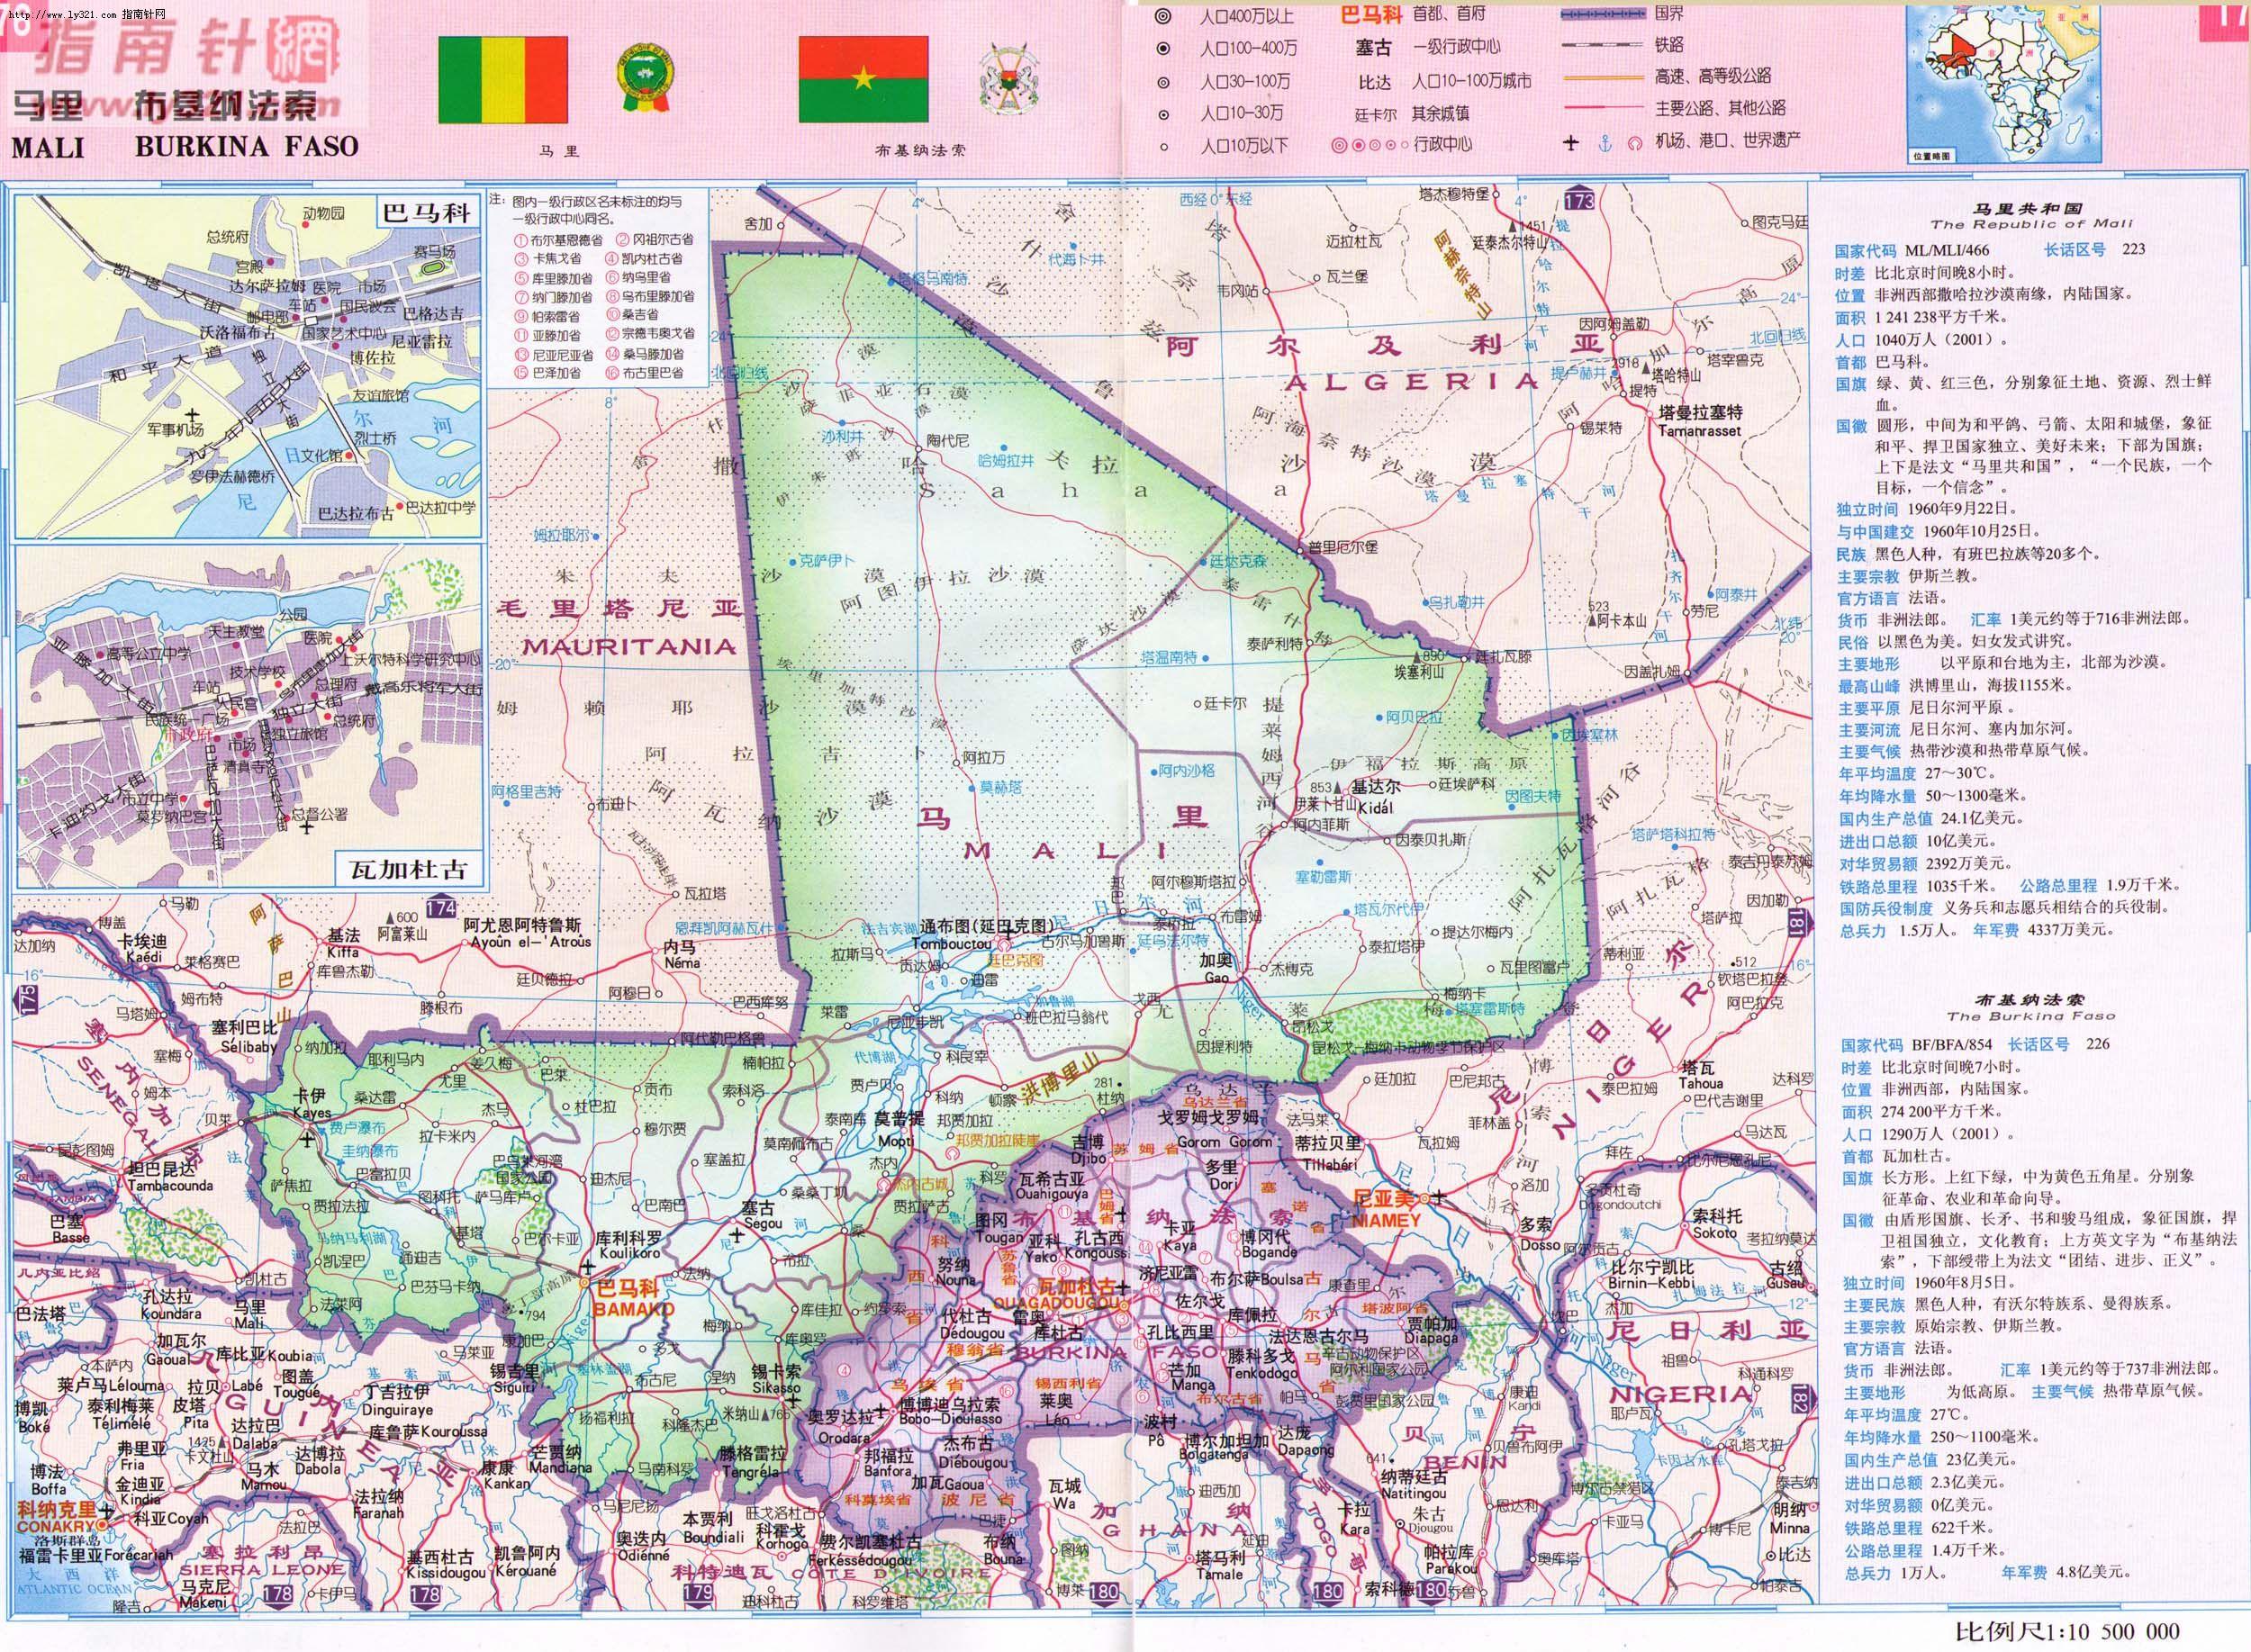 南非 地圖 中文 版